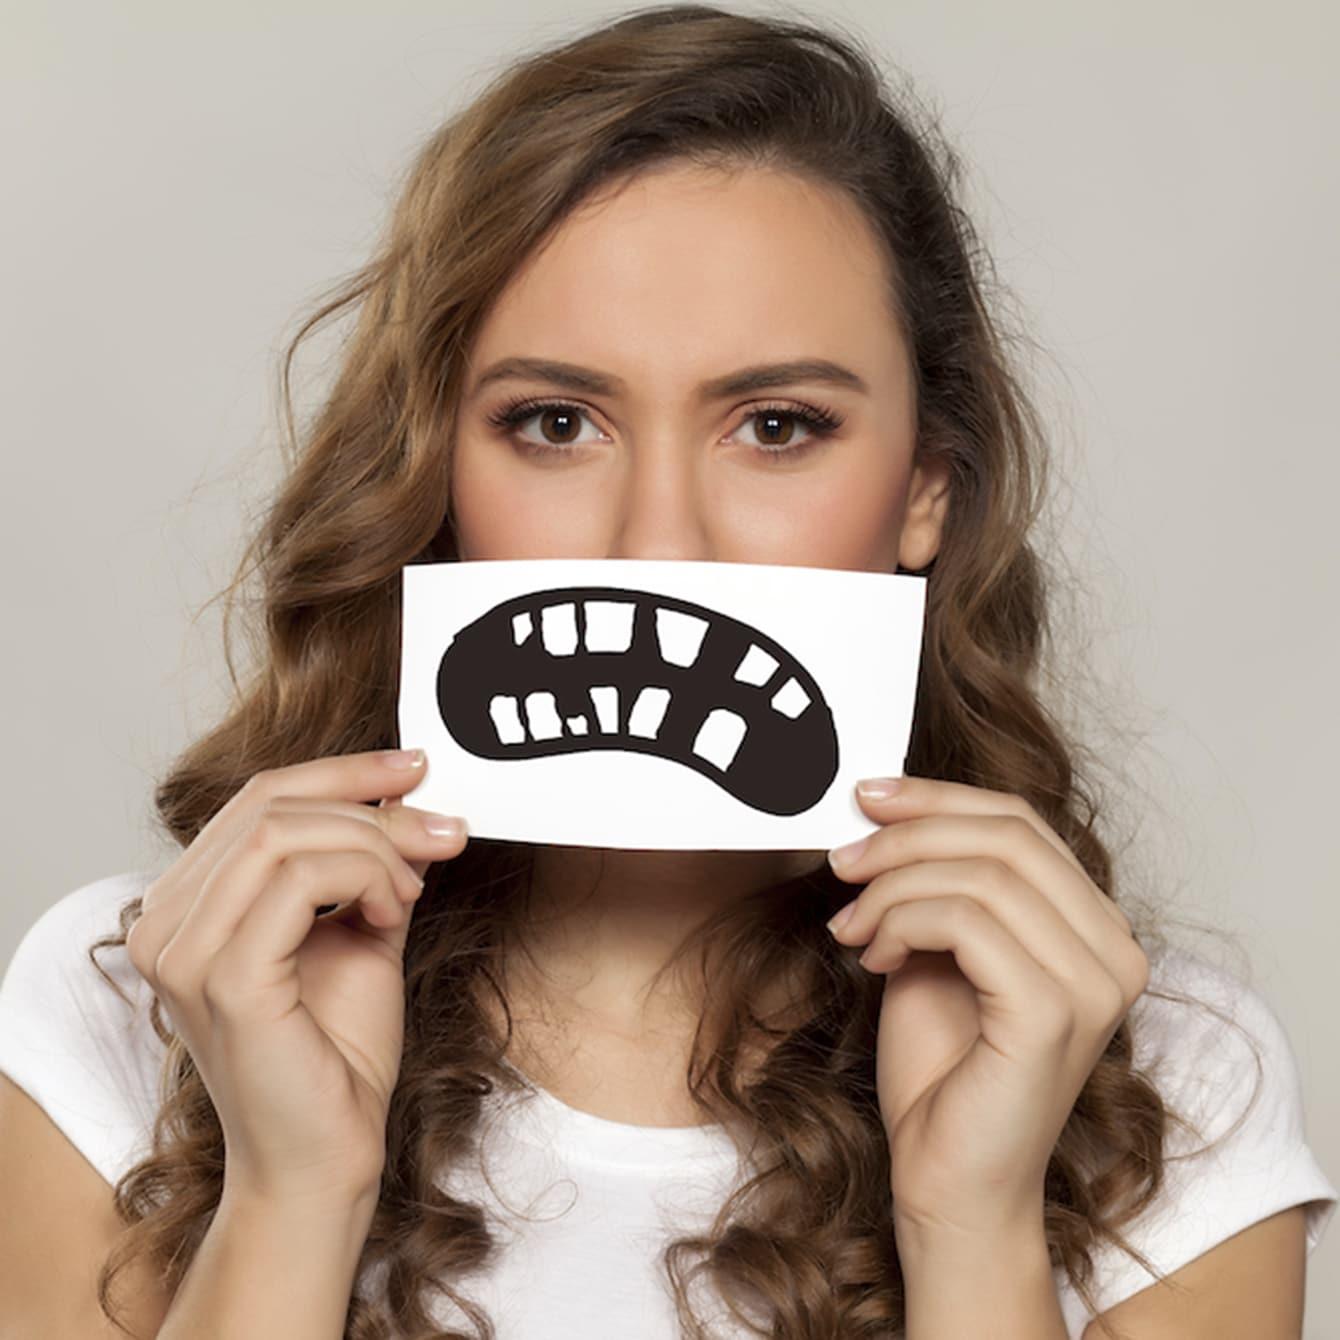 あなたの歯が虫歯だらけになる!? 今すぐやめるべき残念な3つの習慣